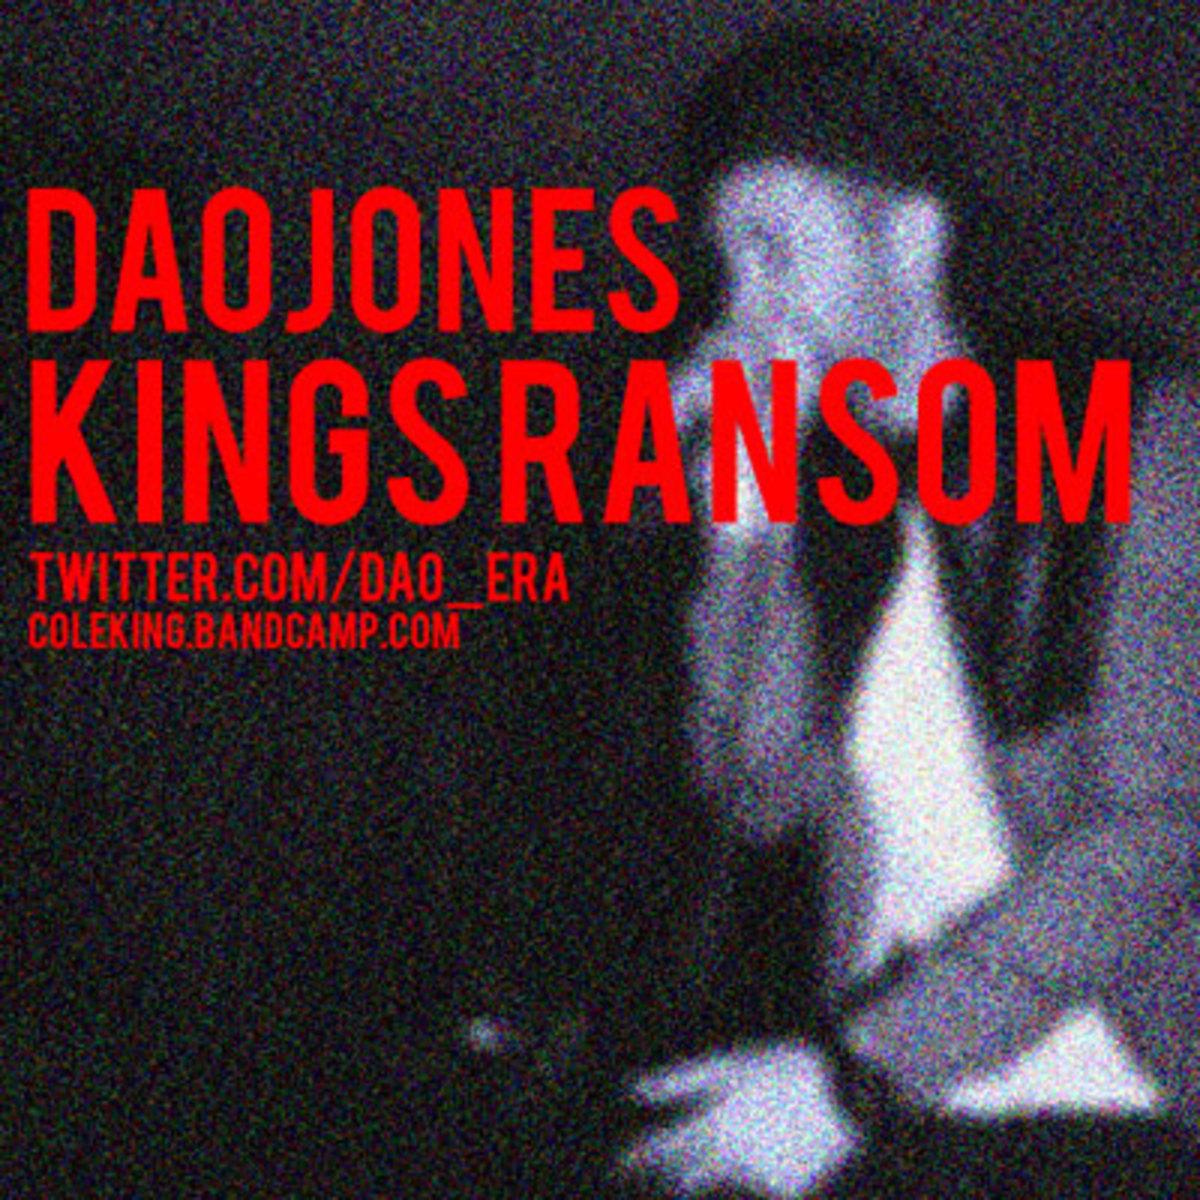 daojones-kingsransom.jpg